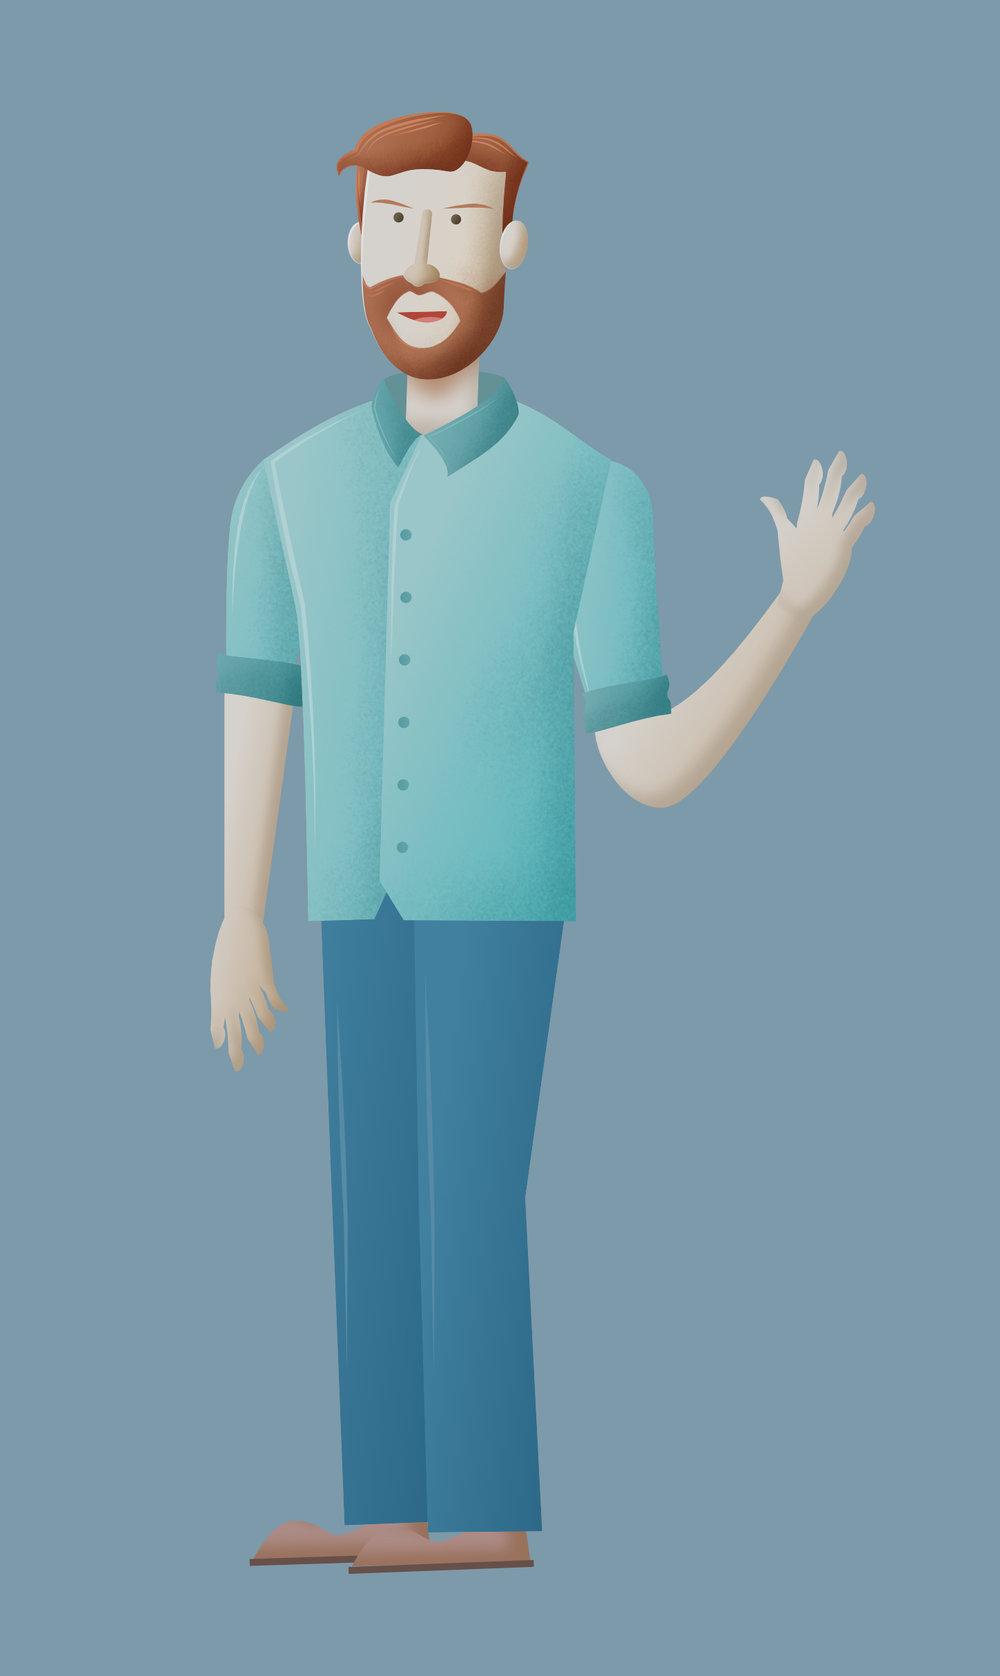 character design_ginger man hello.jpg